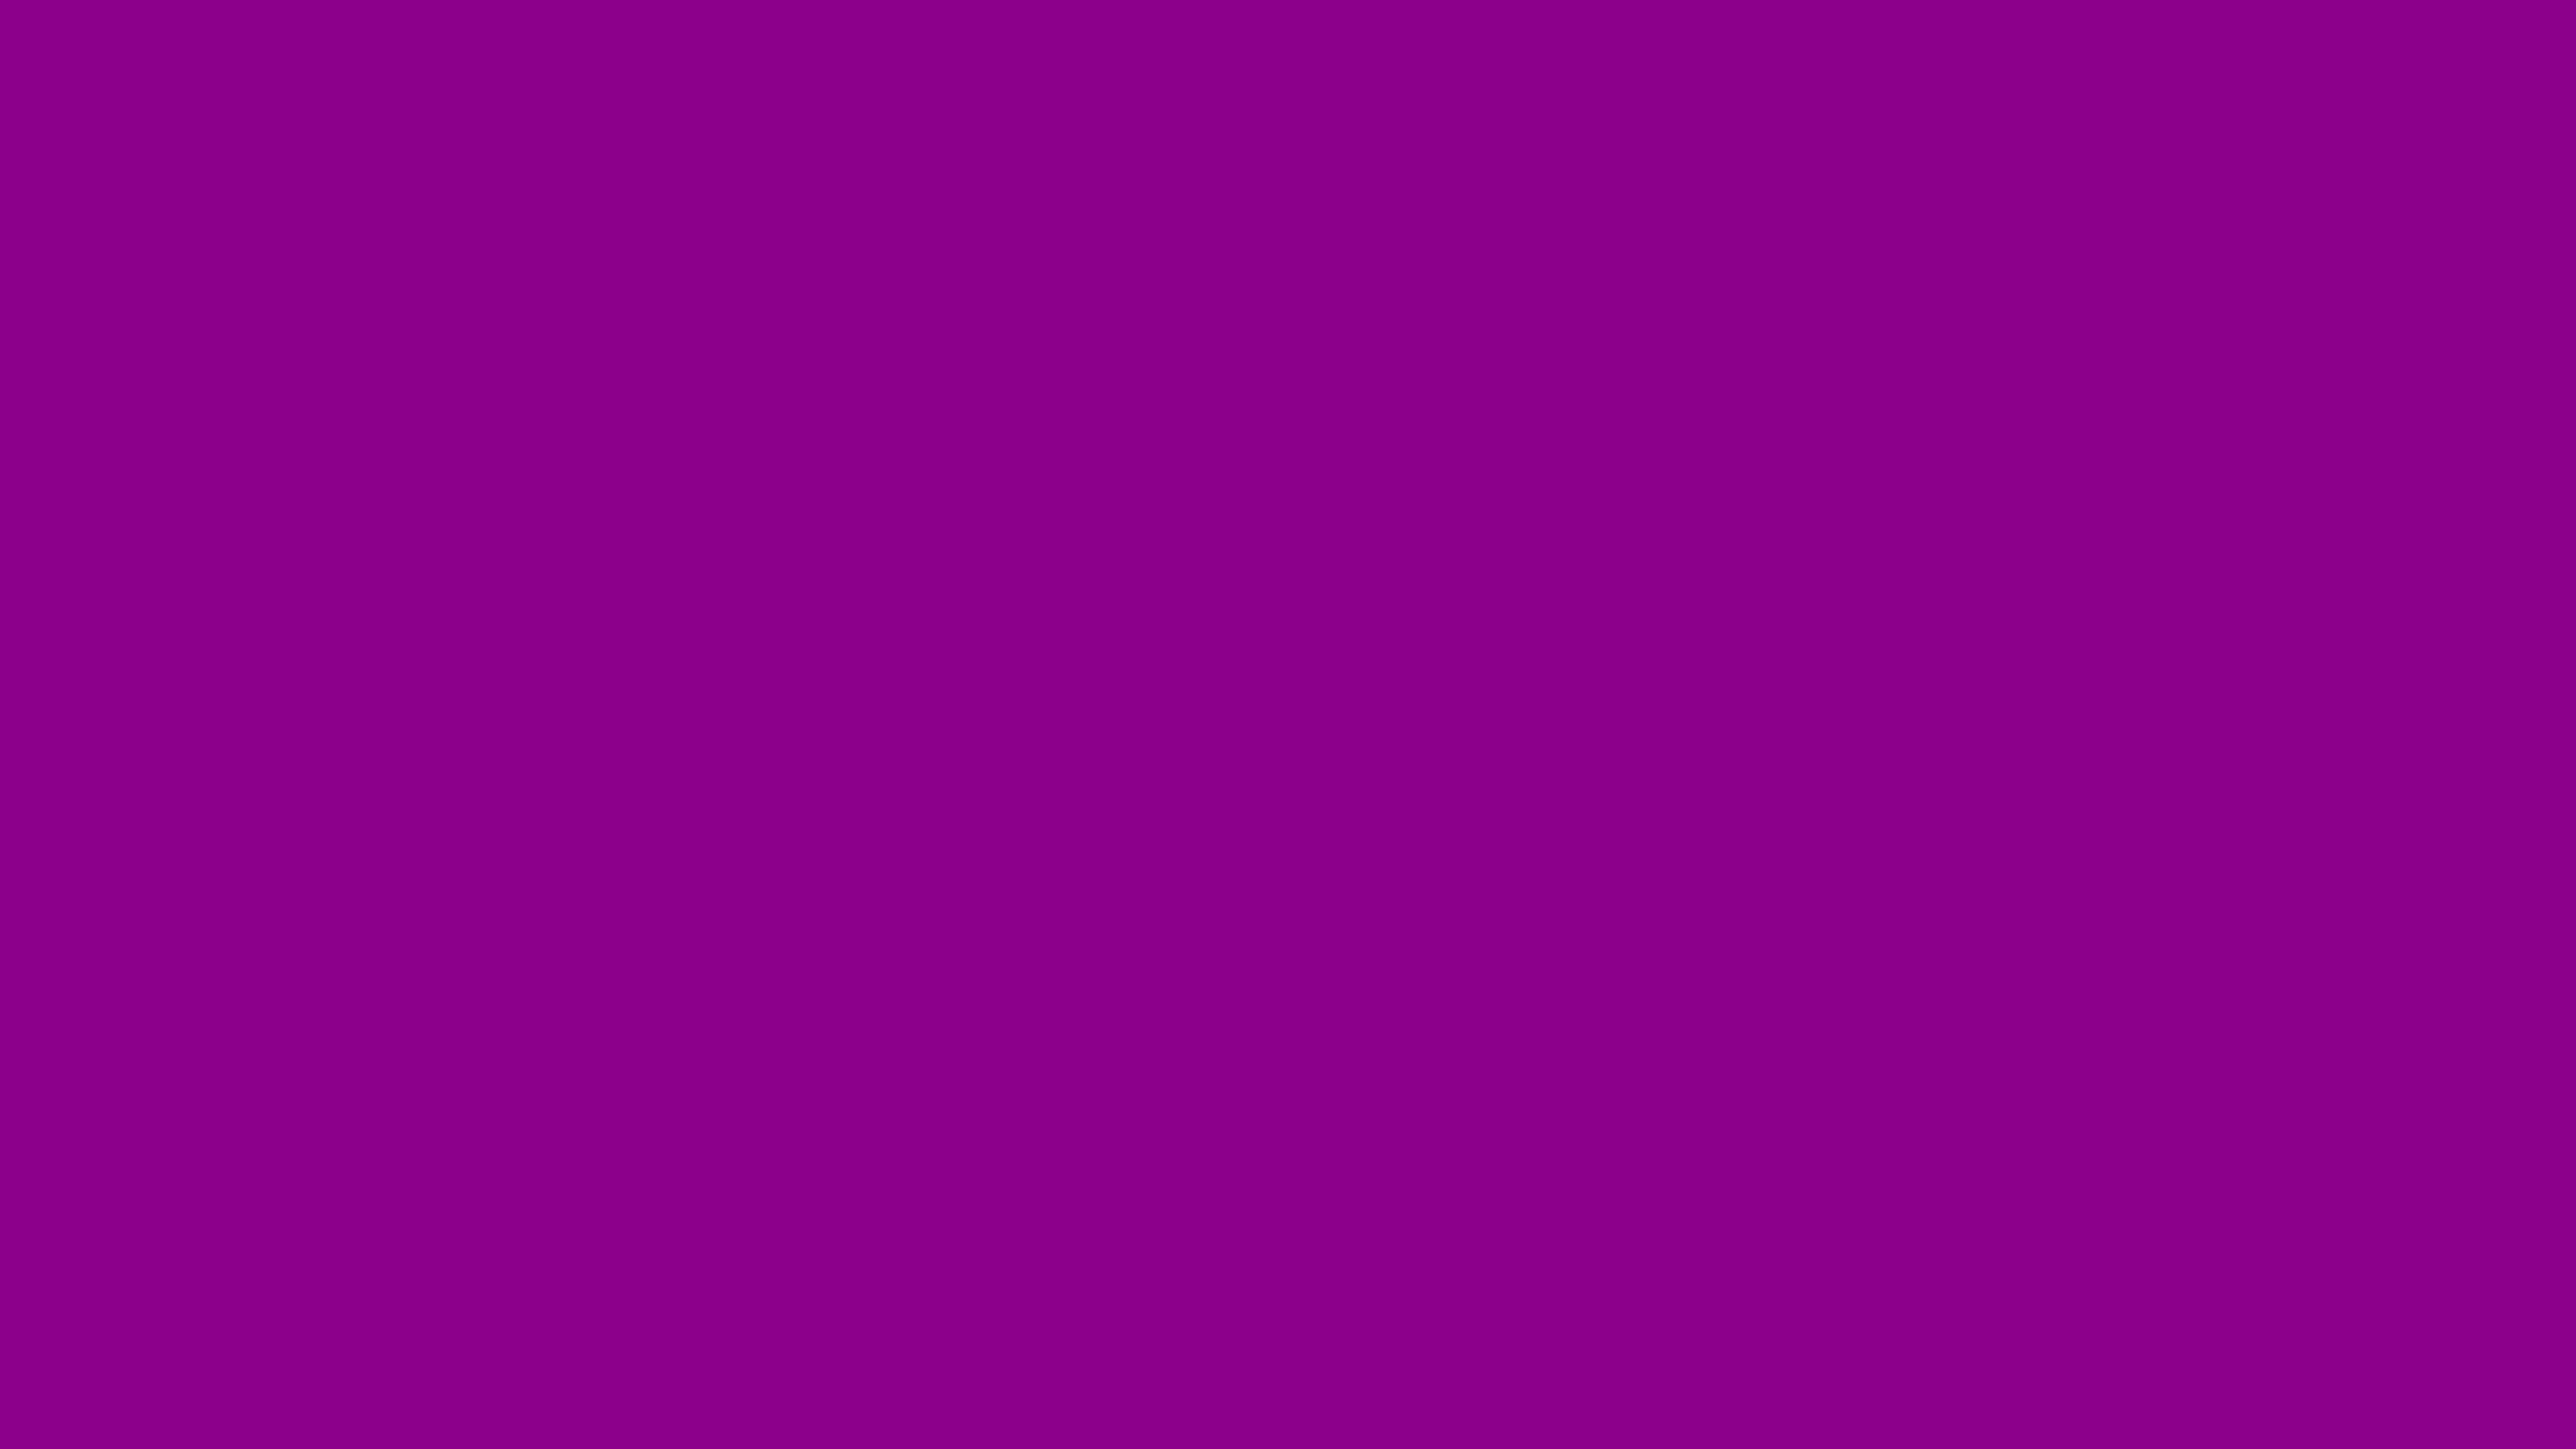 3840x2160 Dark Magenta Solid Color Background